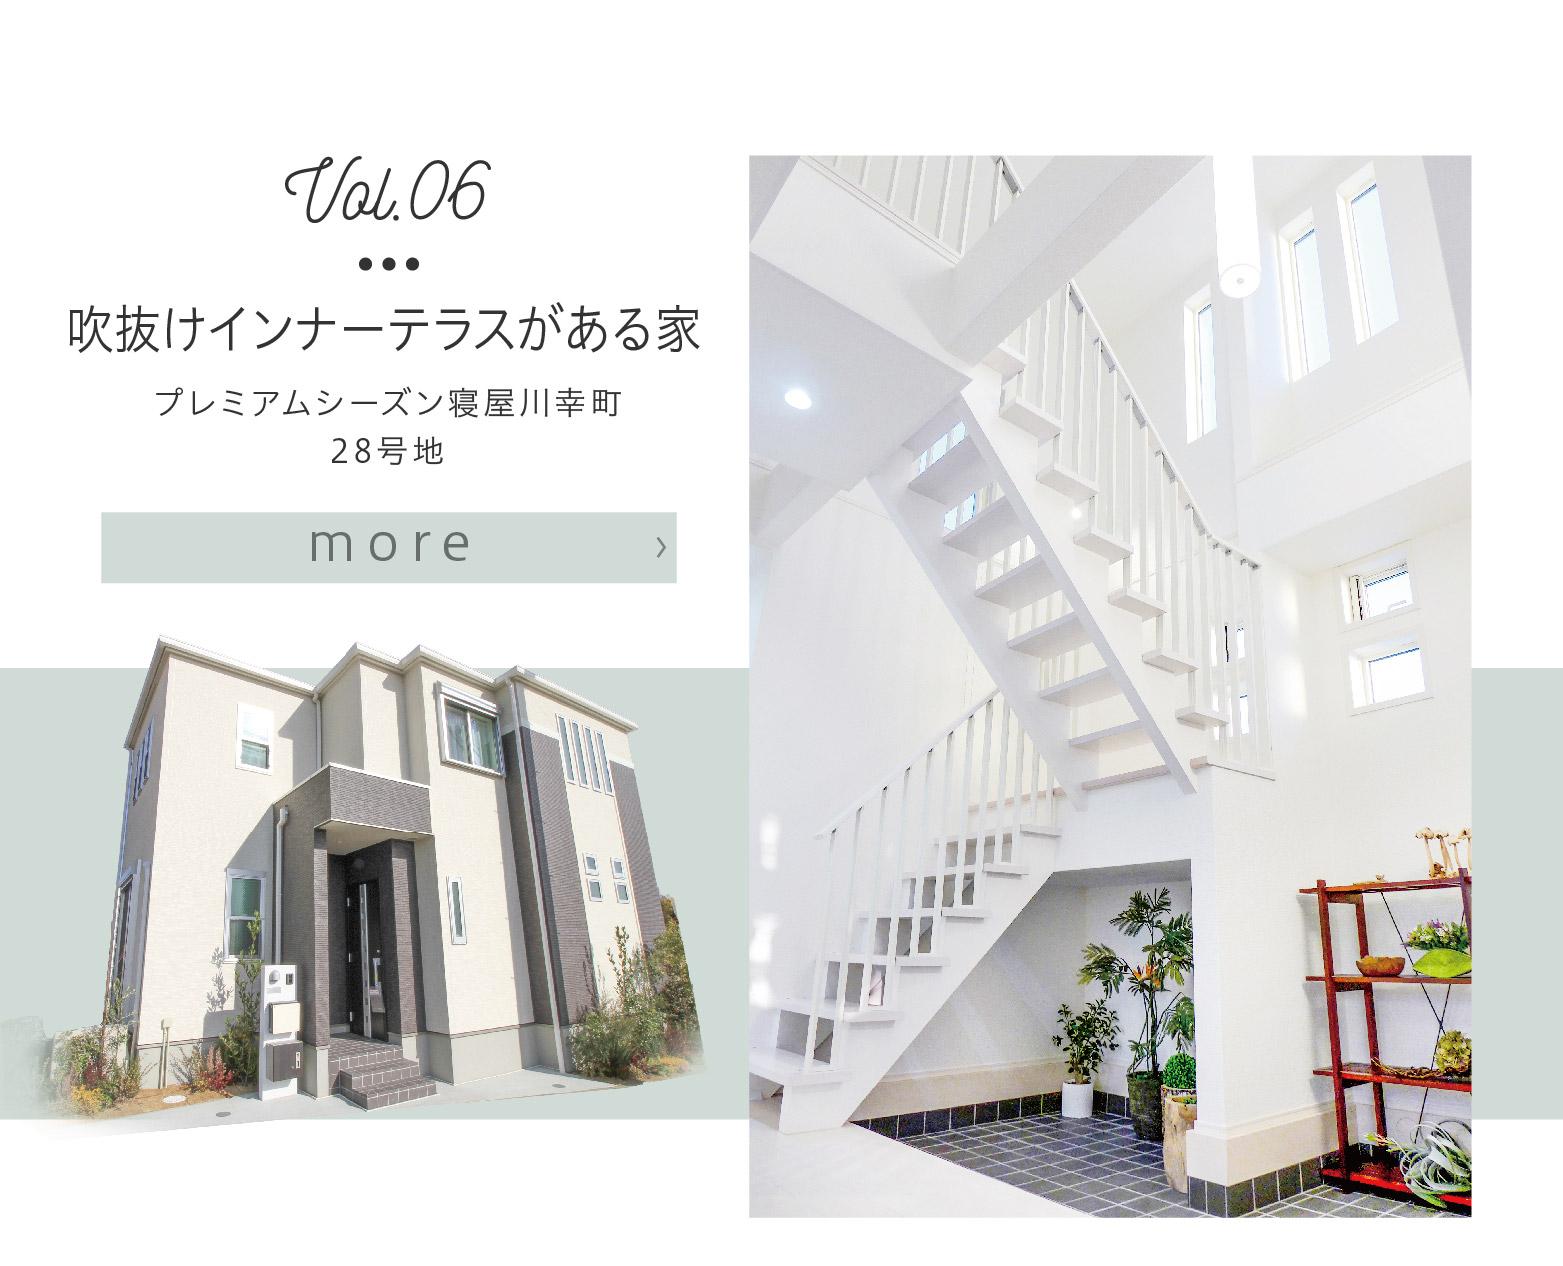 【プレミアムシーズン寝屋川幸町 28号地】モデルハウスを見る